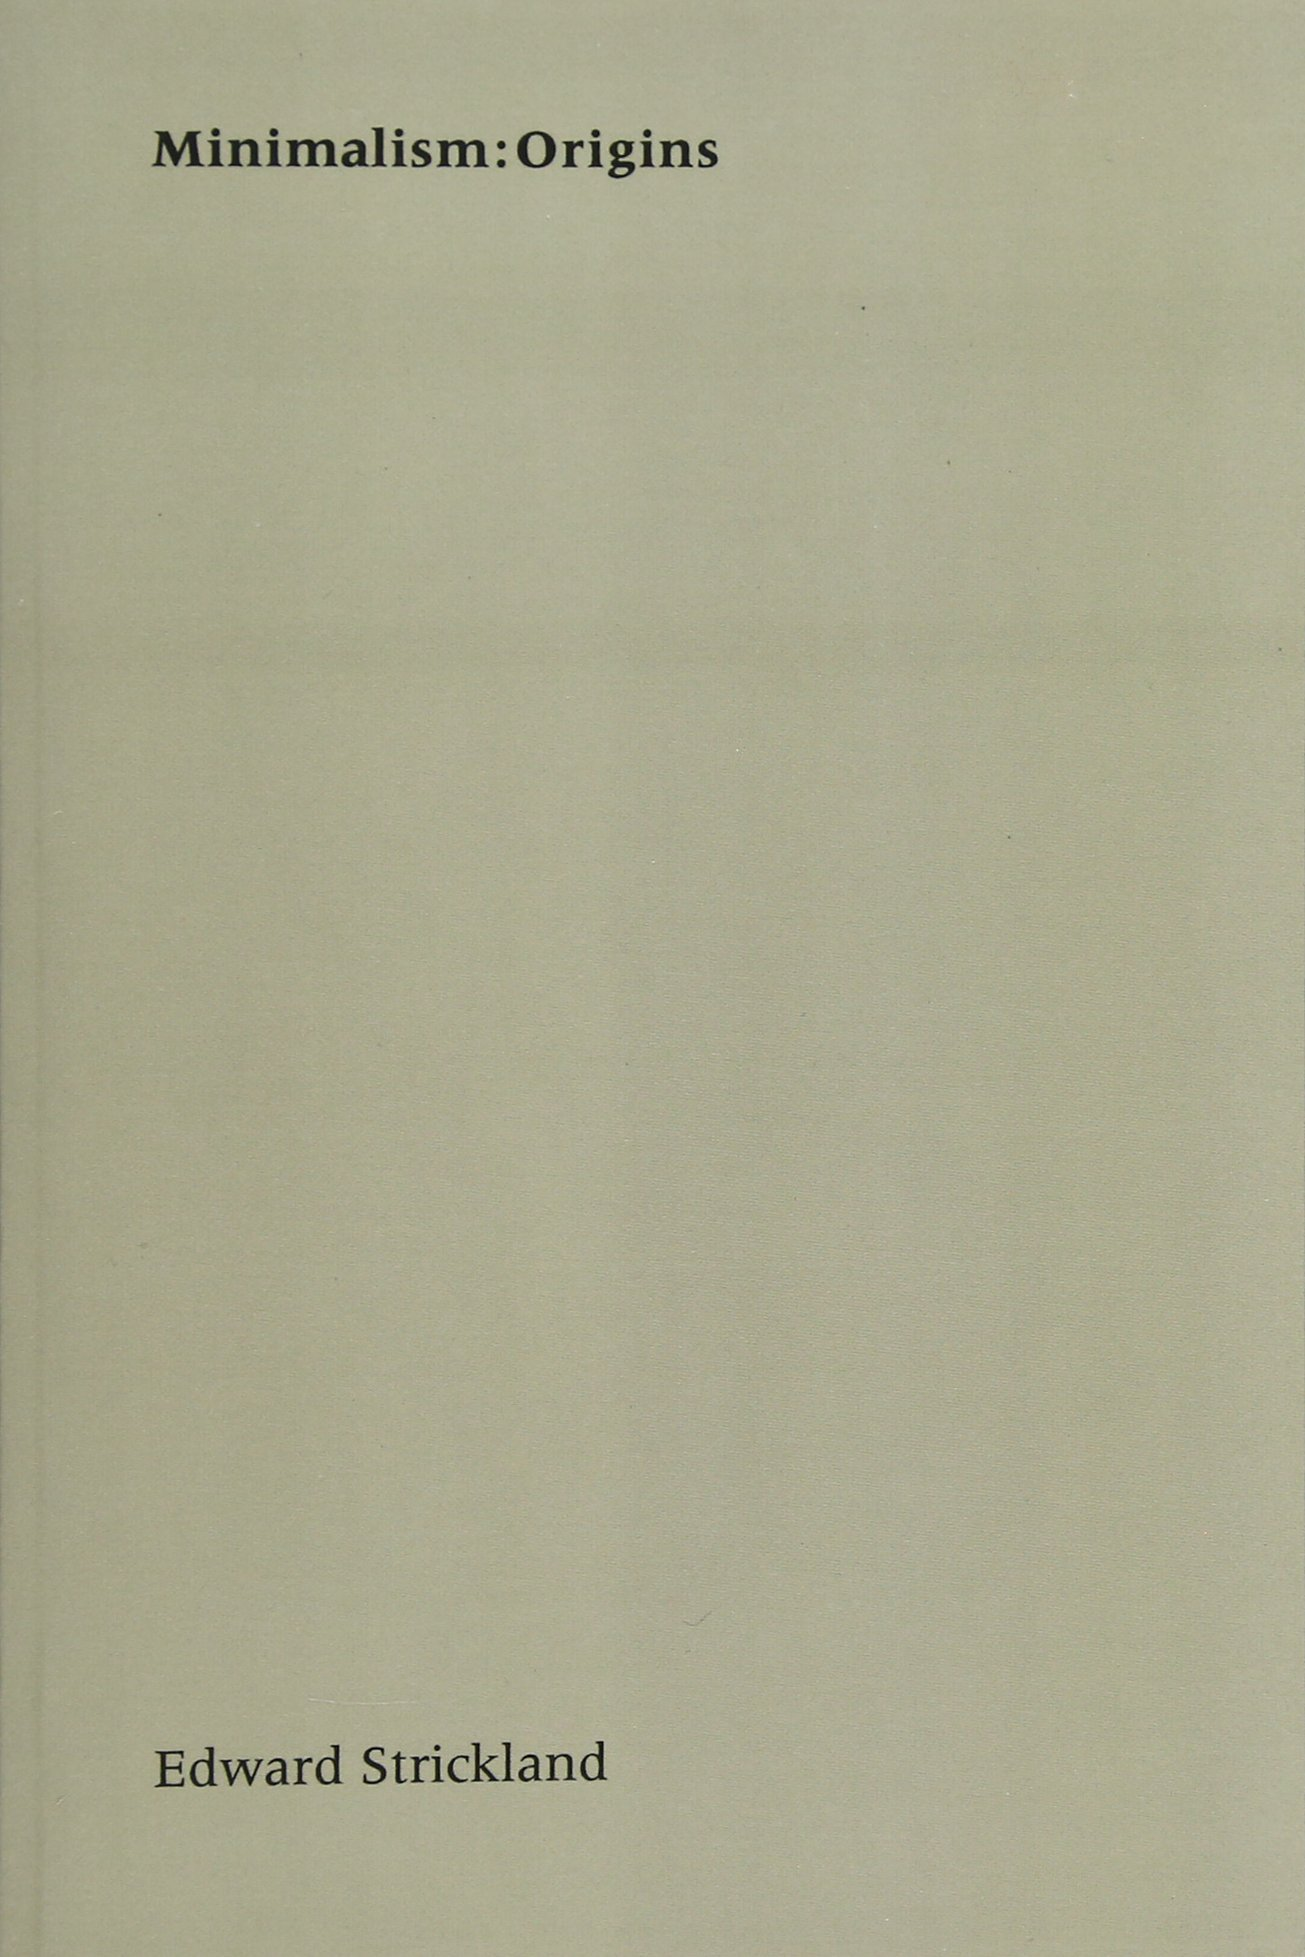 Minimalismorigins edward strickland 9780253213884 amazon books fandeluxe Images